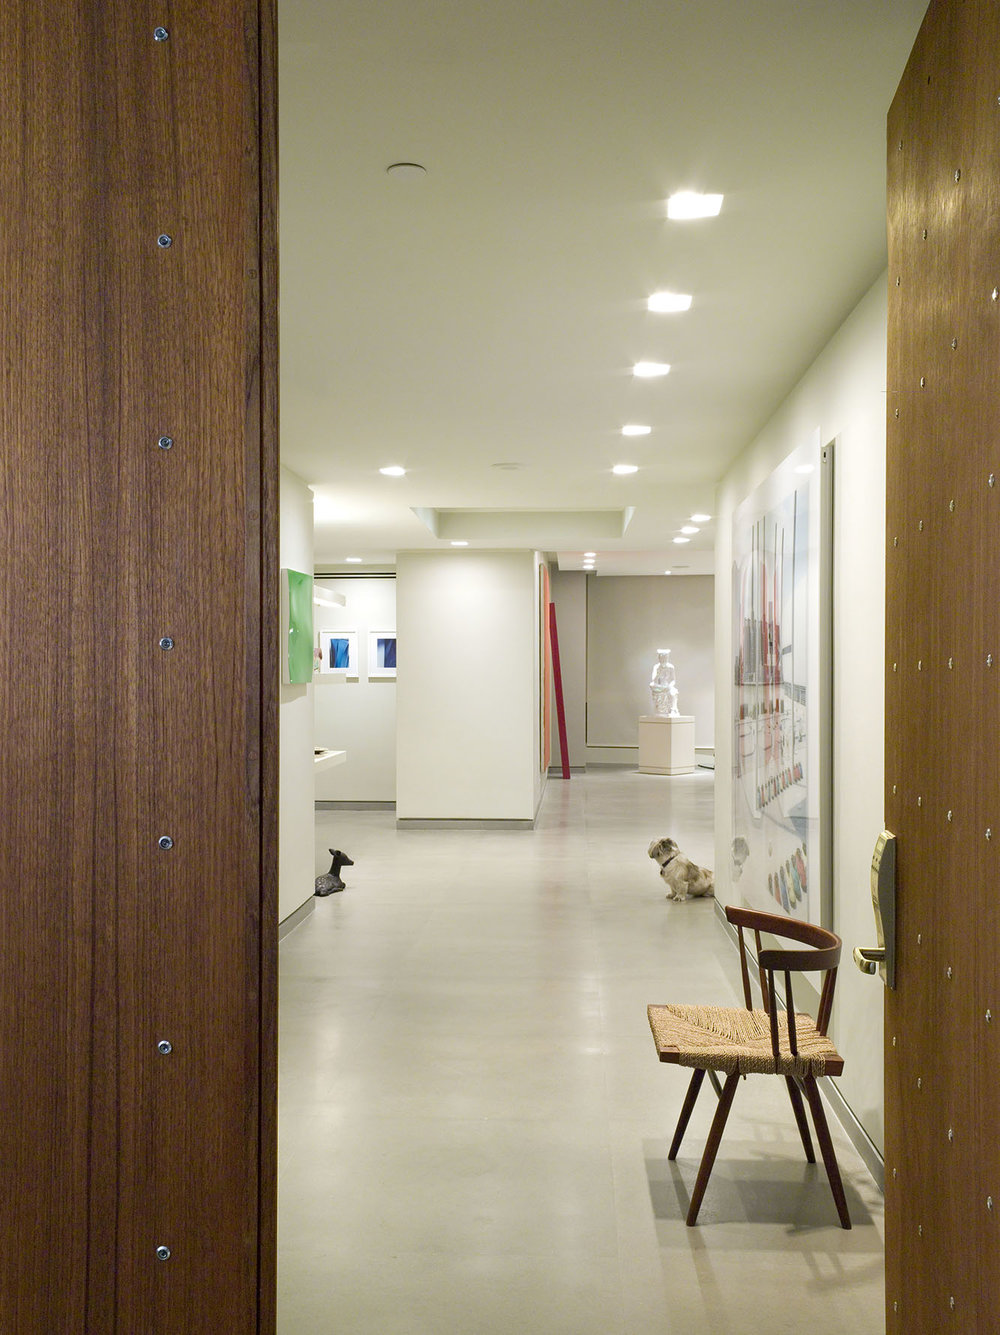 luis-pons-design-miami-interior-architecture_1.jpg